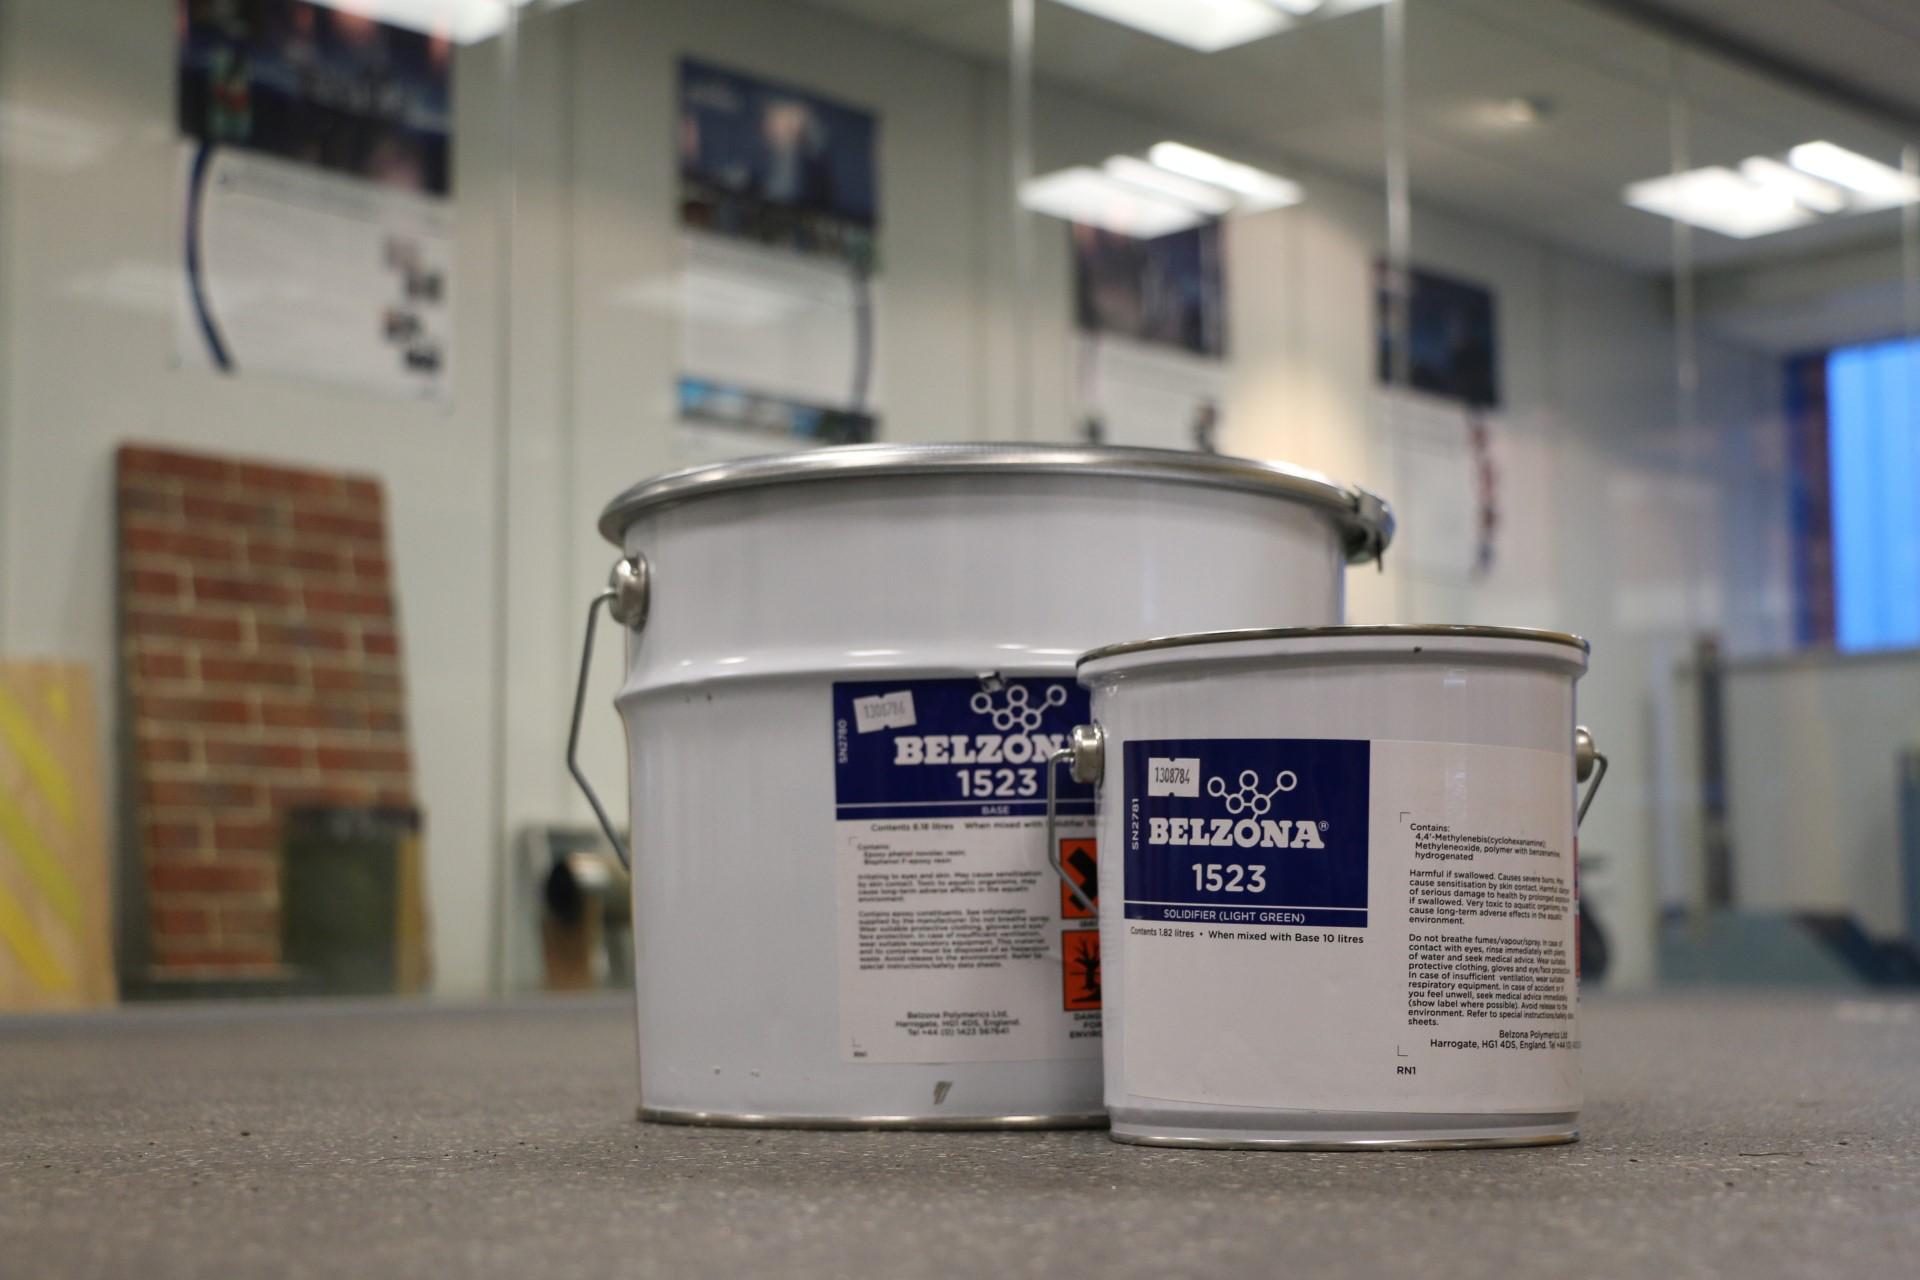 Belzona 1523 epoxy premaz za sprenjanje unutarnjih površina opreme u visokotemperaturnim uronjenium uvijetima rada iznimne otpornosti na koroziju